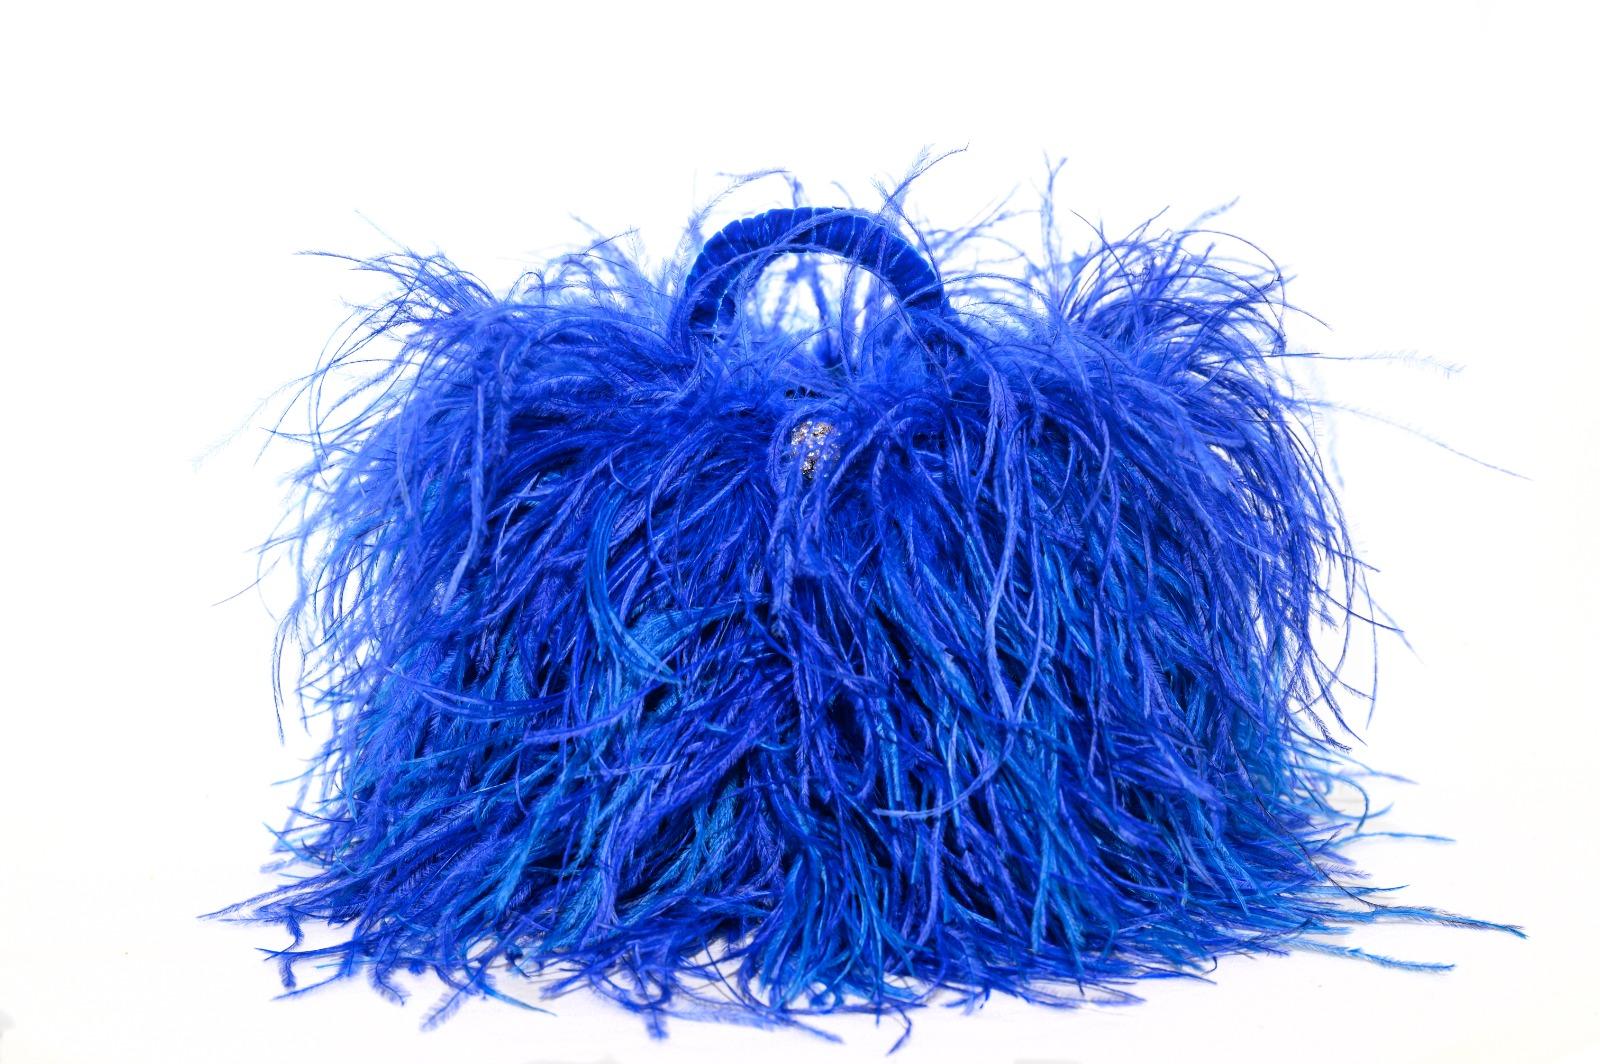 Pescepazzo accessori moda Sicilia made in Taormina